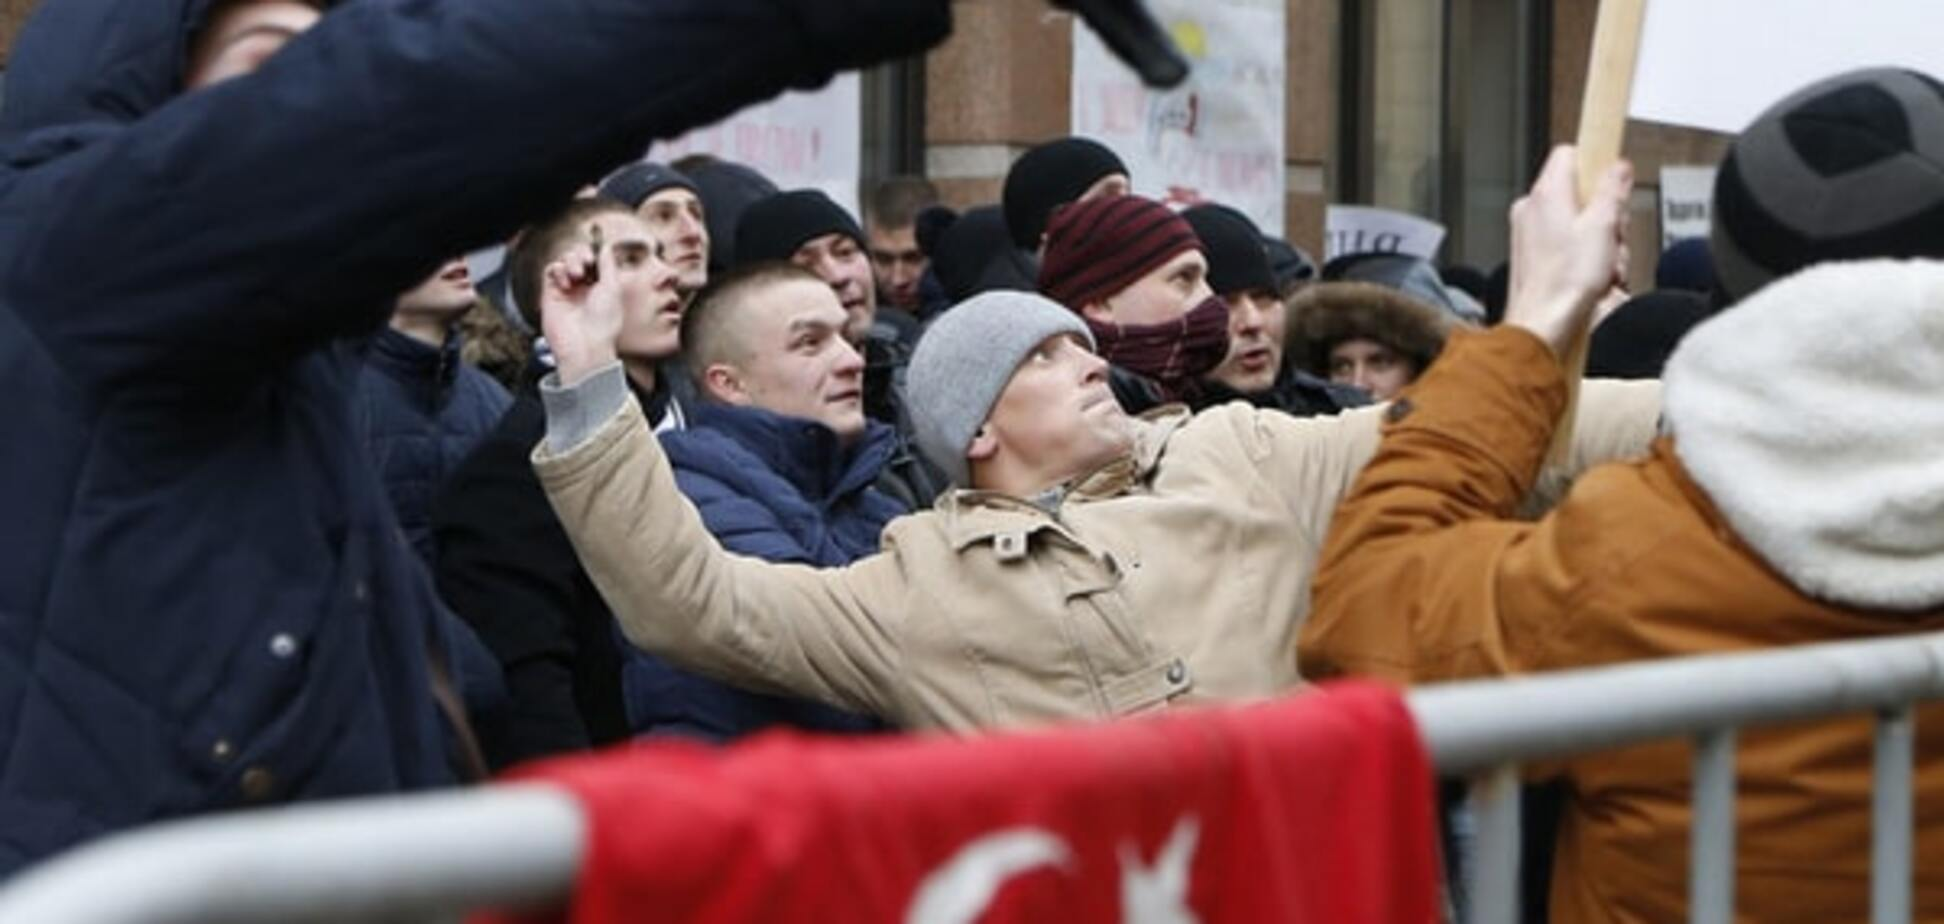 Орех: мільйони турків стали для росіян терористами після катастрофи Су-24